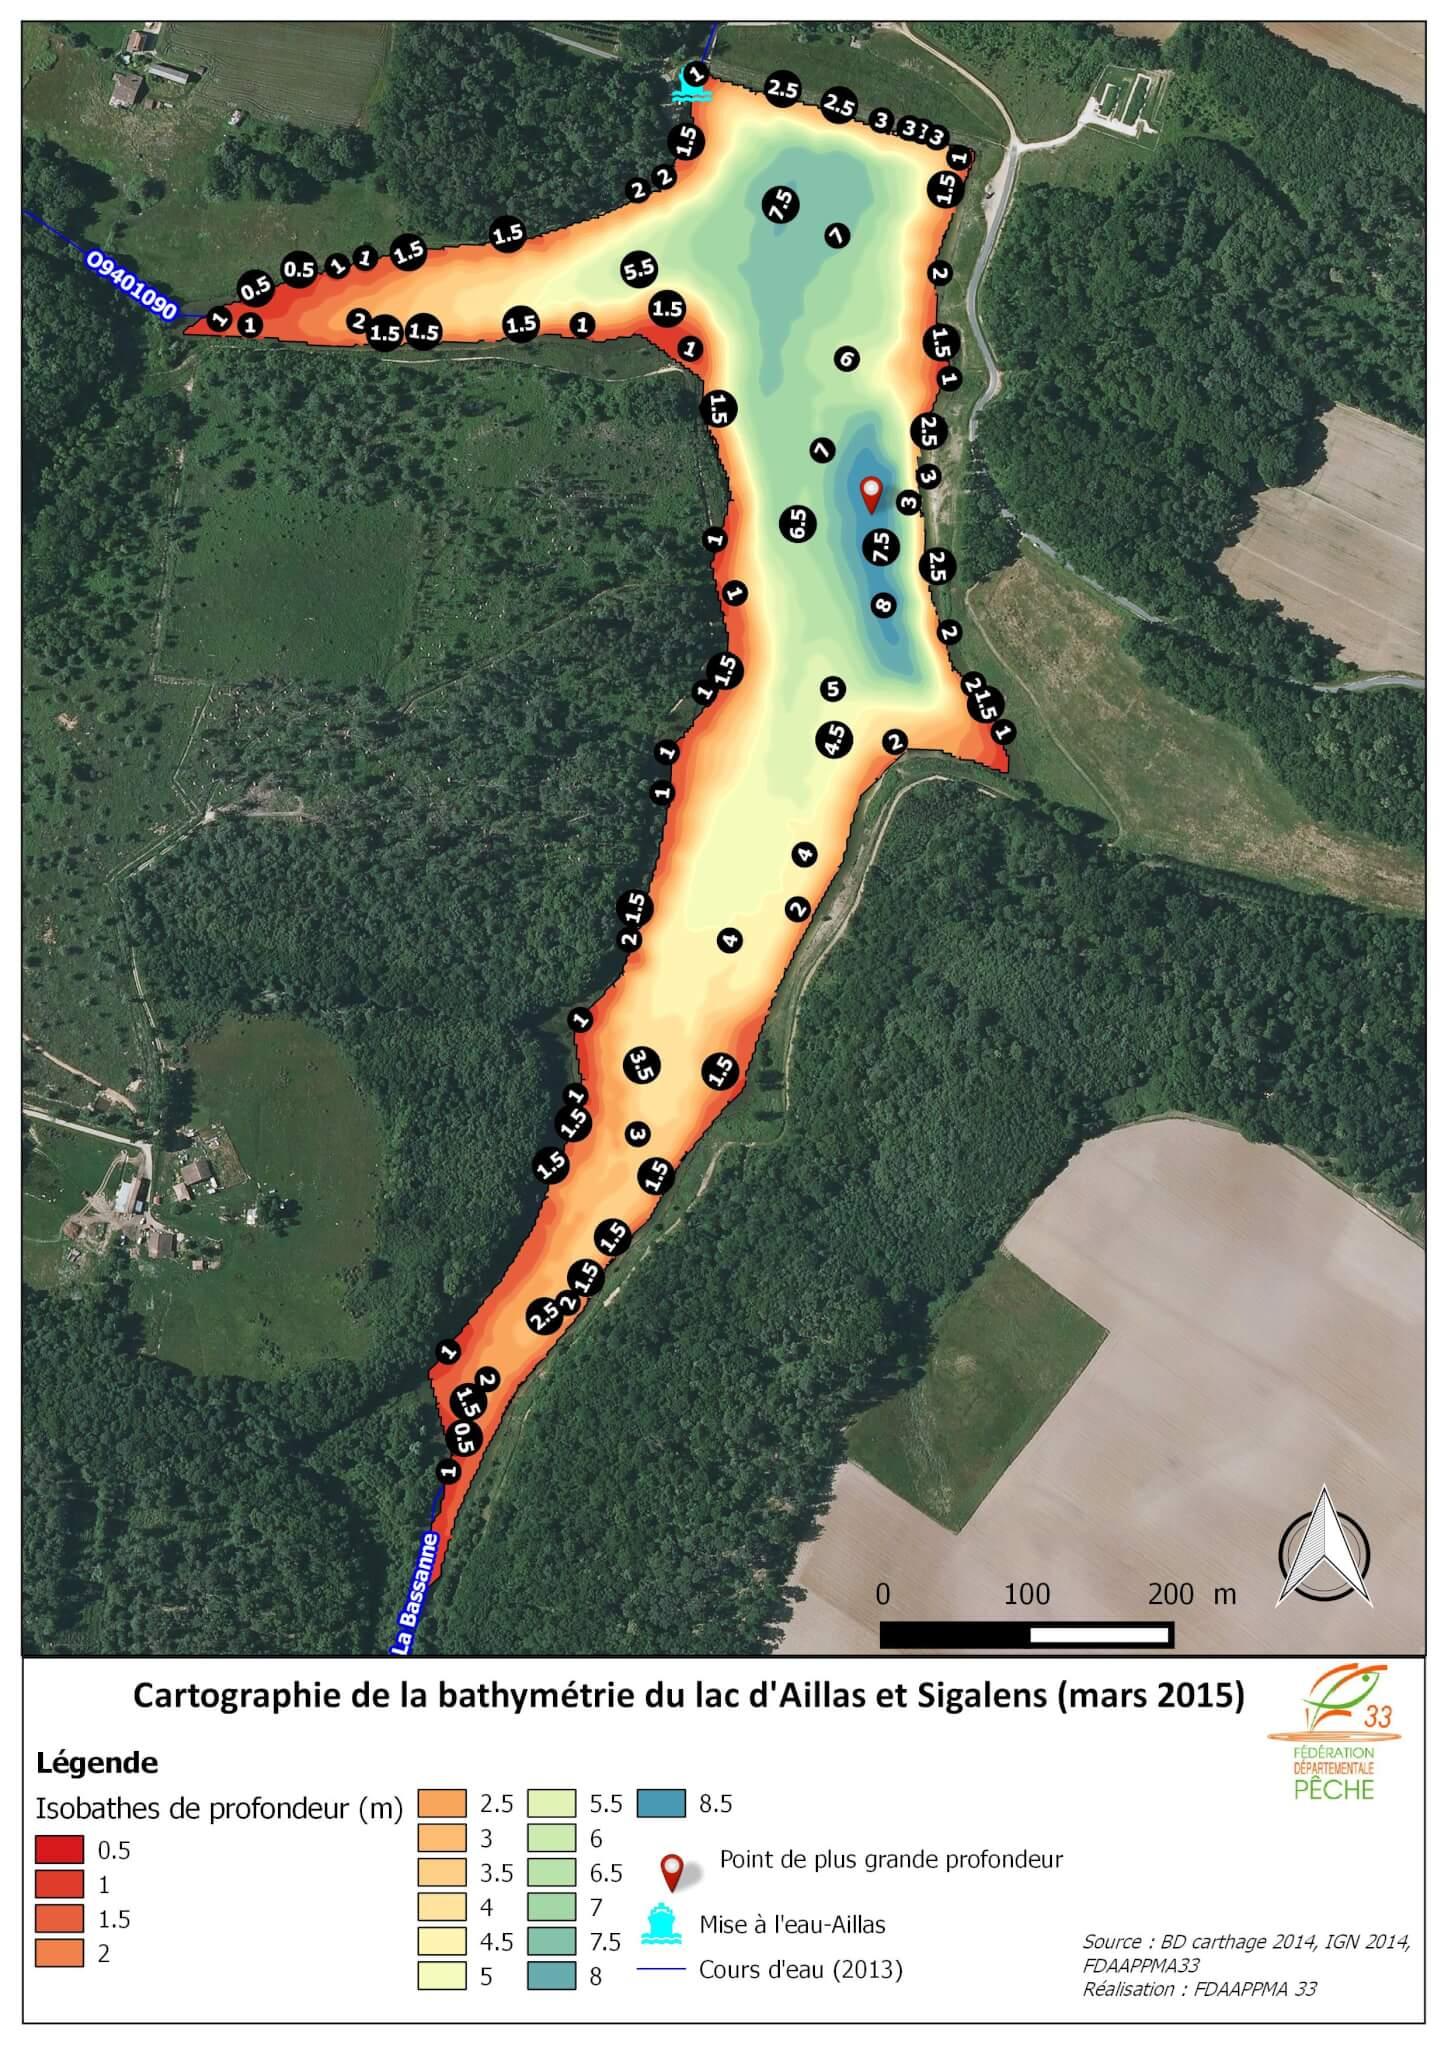 Bathymétrie du lac d'Aillas et Sigalens